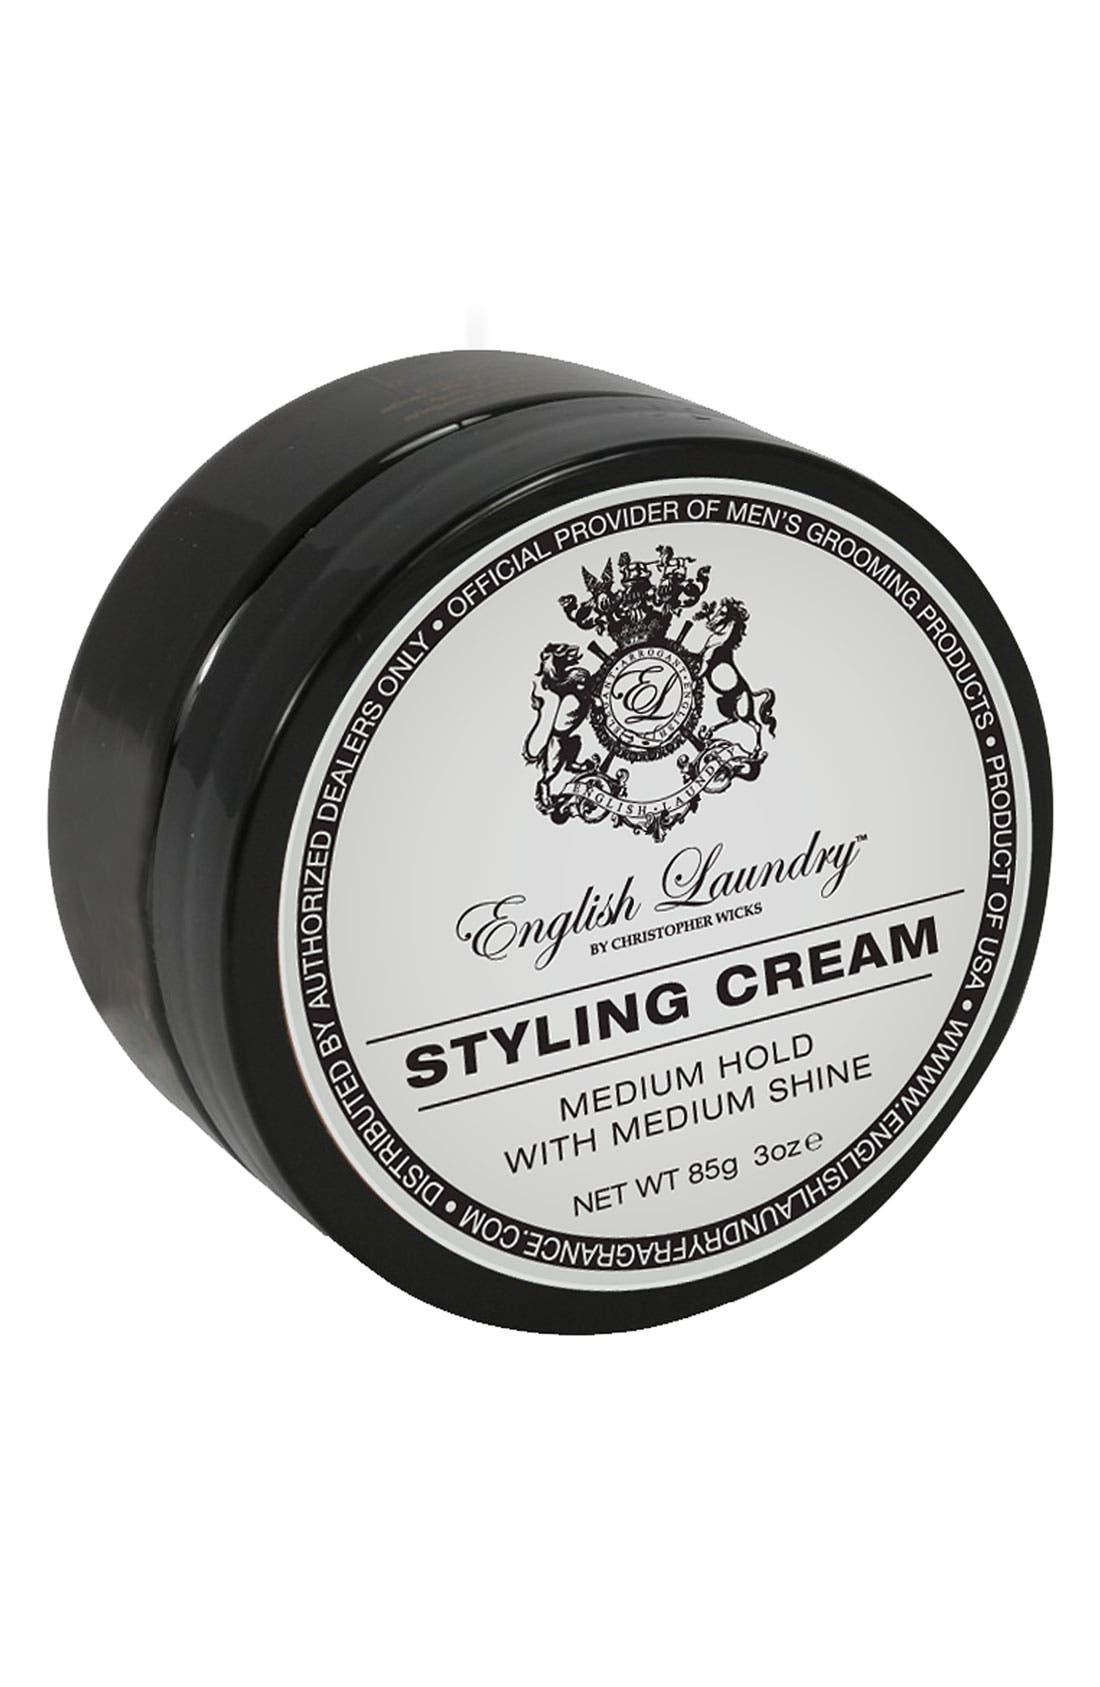 English Laundry Styling Cream